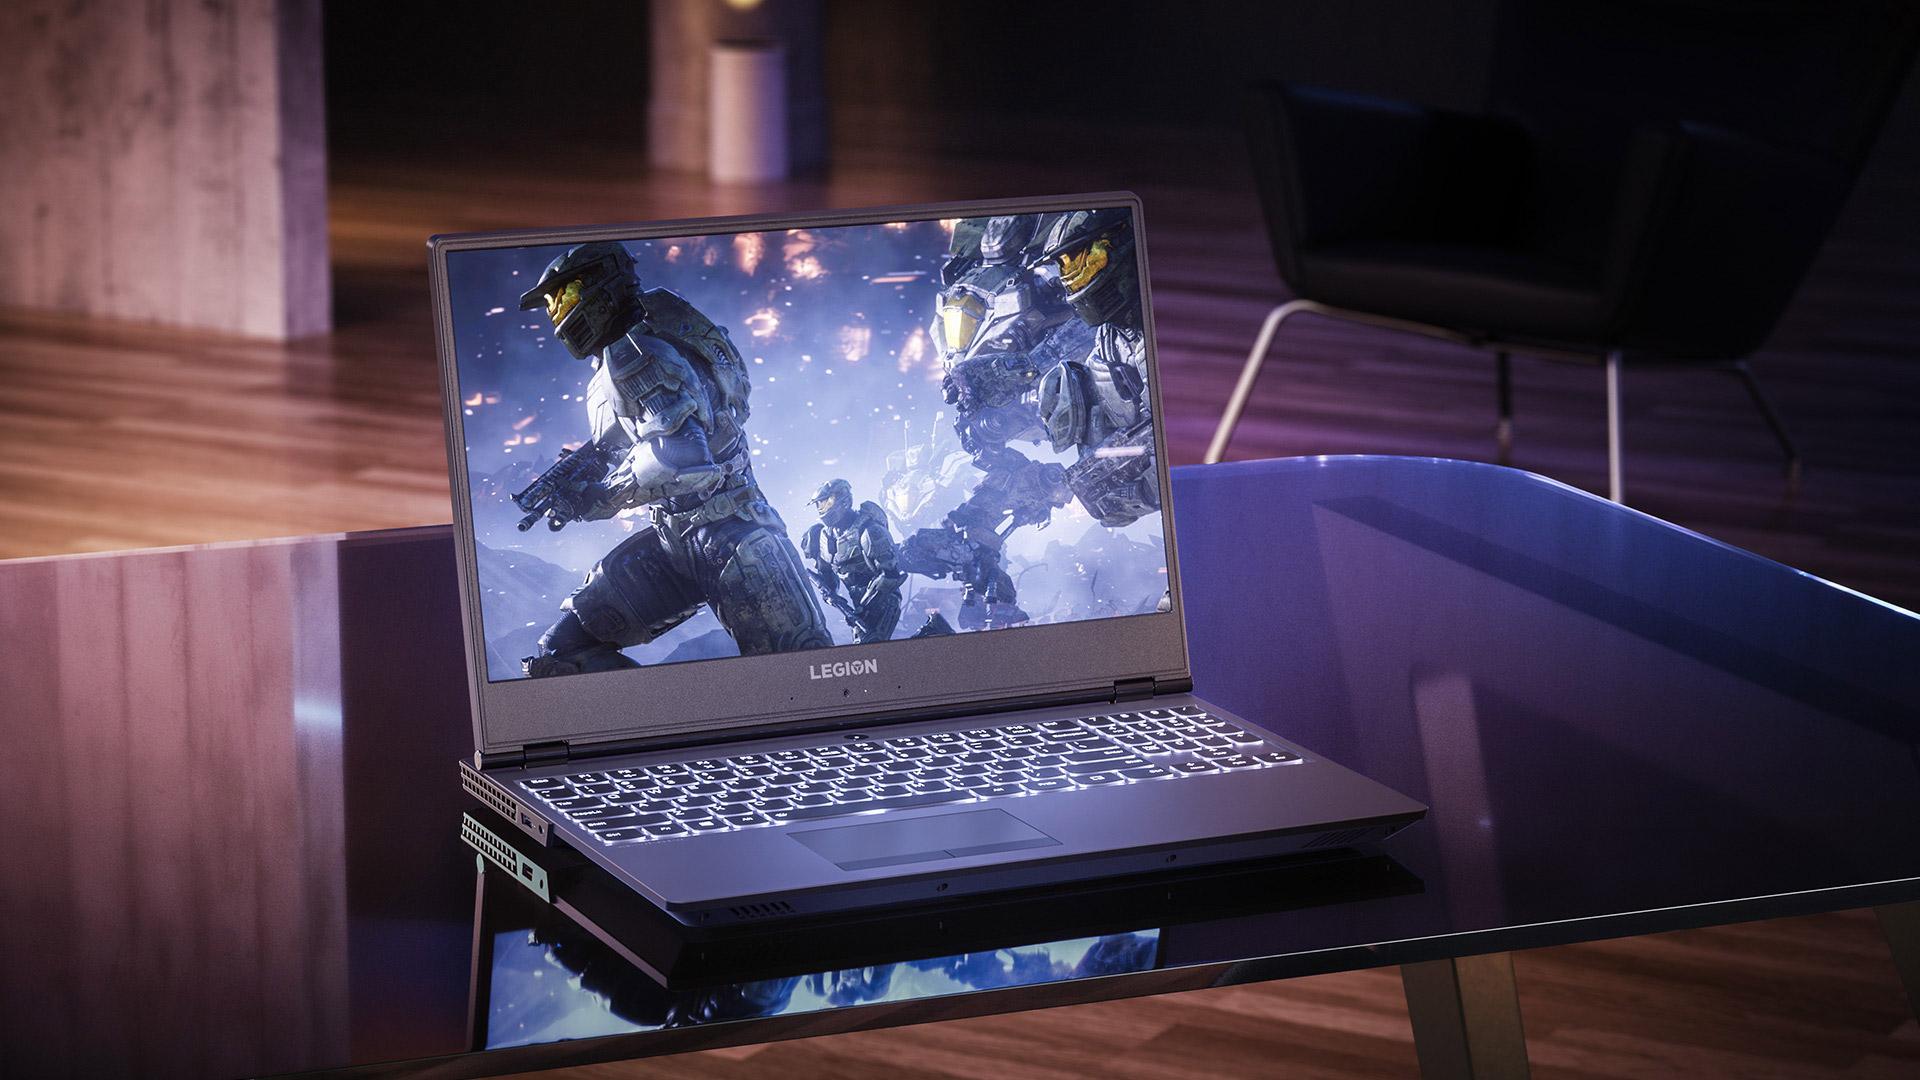 Nové herní notebooky Lenovo Legion Y530 - dospělejší a výkonnější ilustrace 1 lenovo legion y530